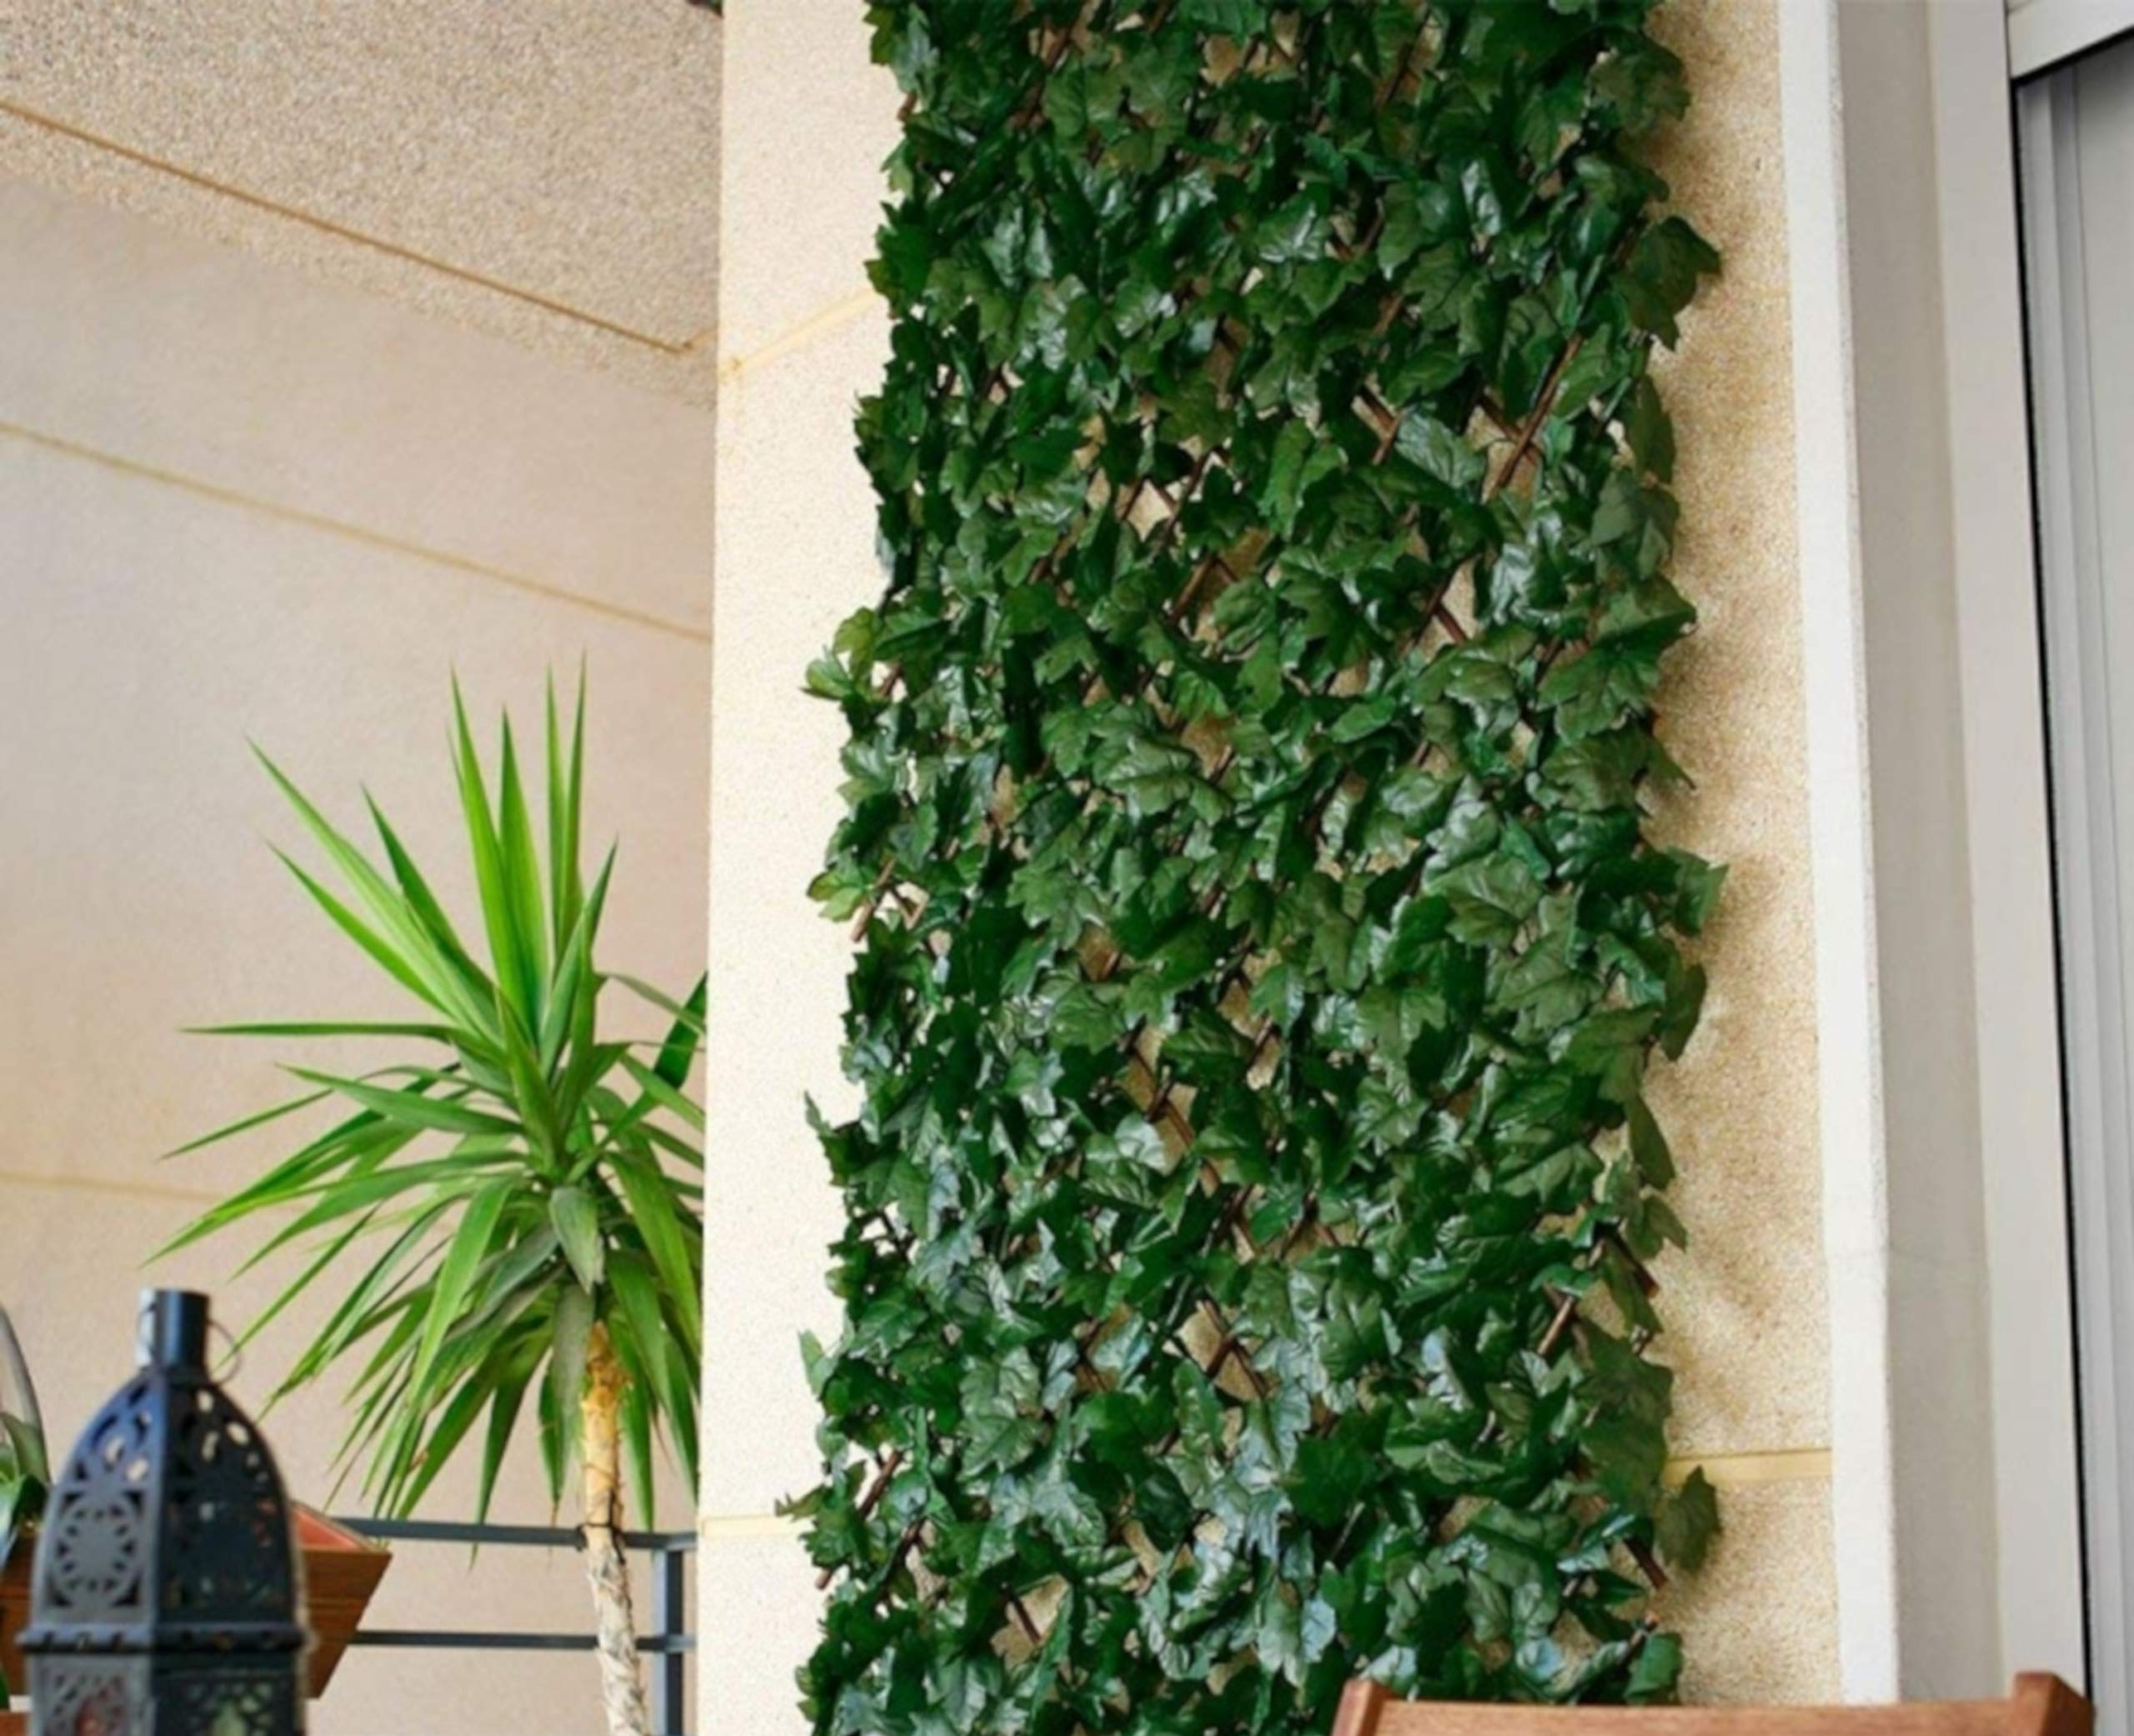 Comercial Candela Celosia Extensible de Mimbre Natural con Hojas de Hiedra 1x2 Metros: Amazon.es: Jardín